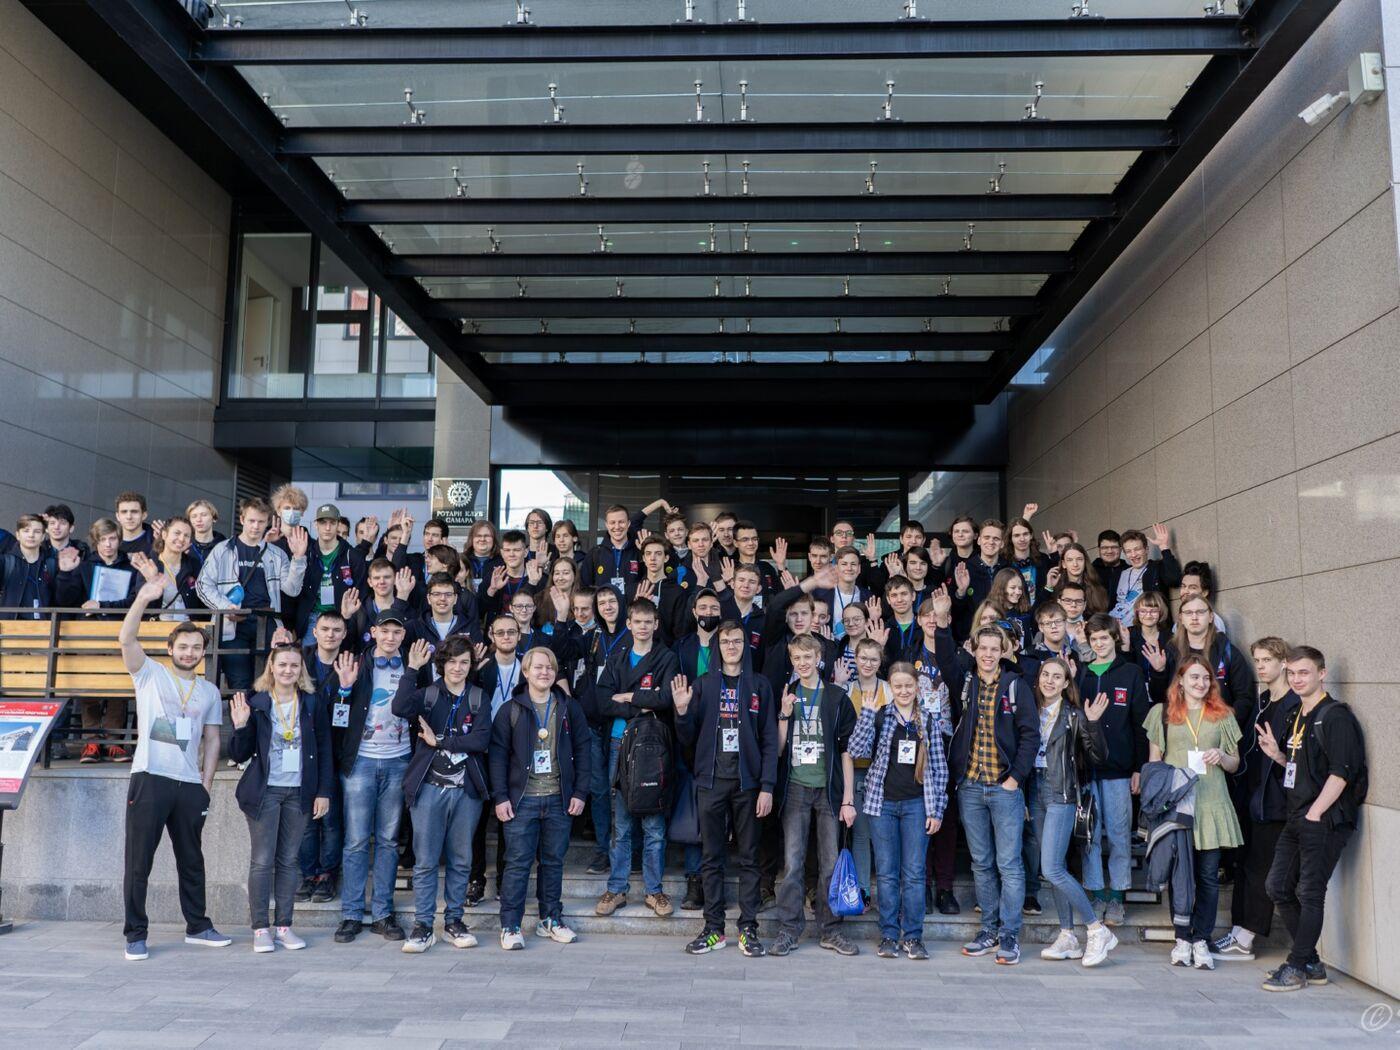 Учащиеся СУНЦ МГУ успешно выступили на Всероссийской олимпиаде по астрономии!